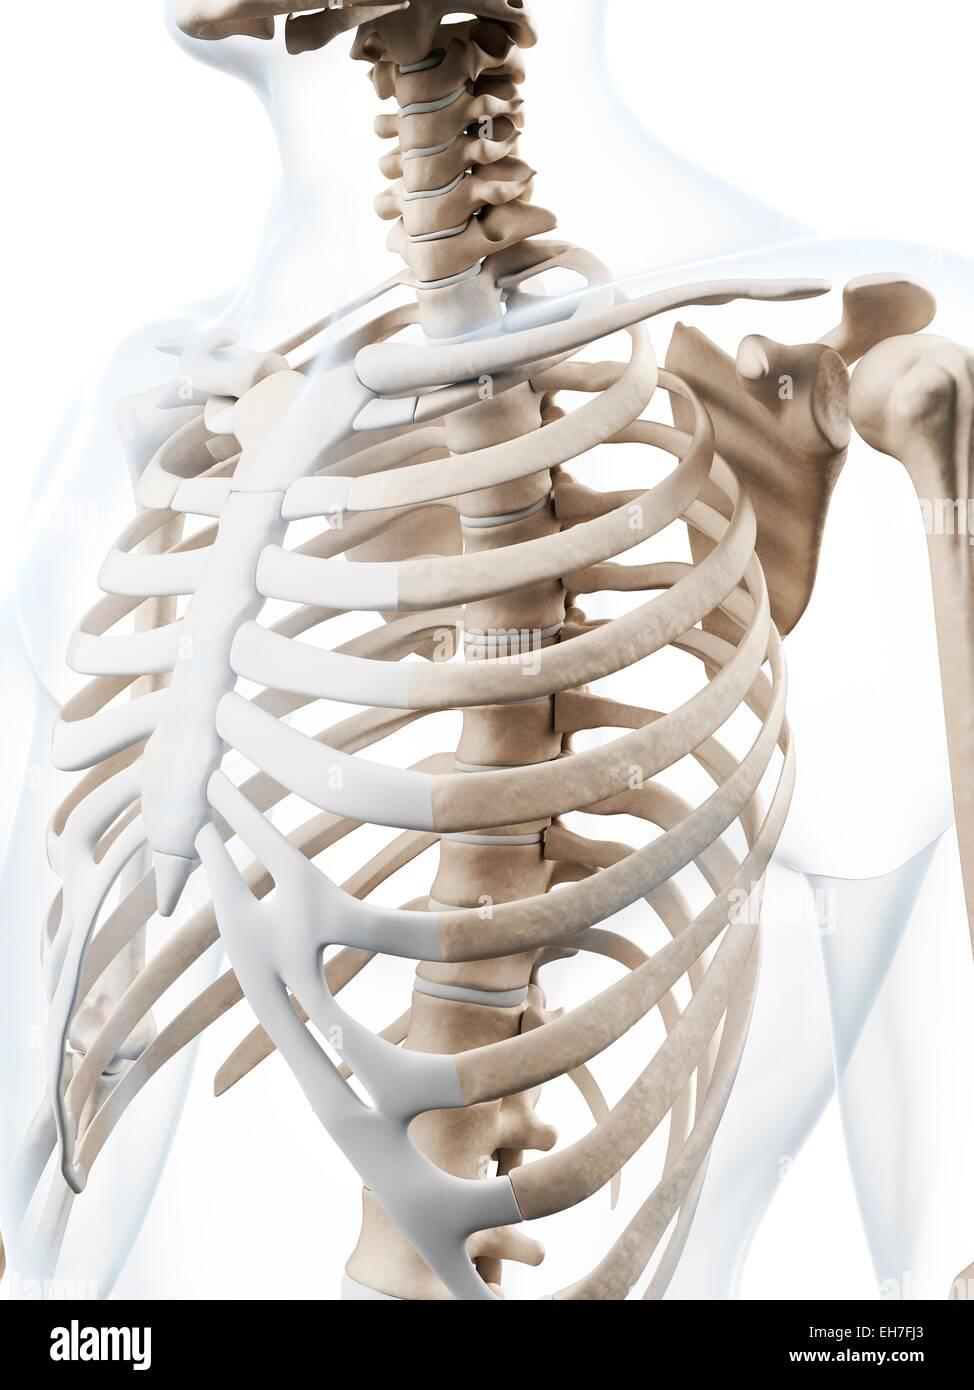 Fantastisch Bilder Von Menschlichem Brustkorb Galerie - Anatomie ...